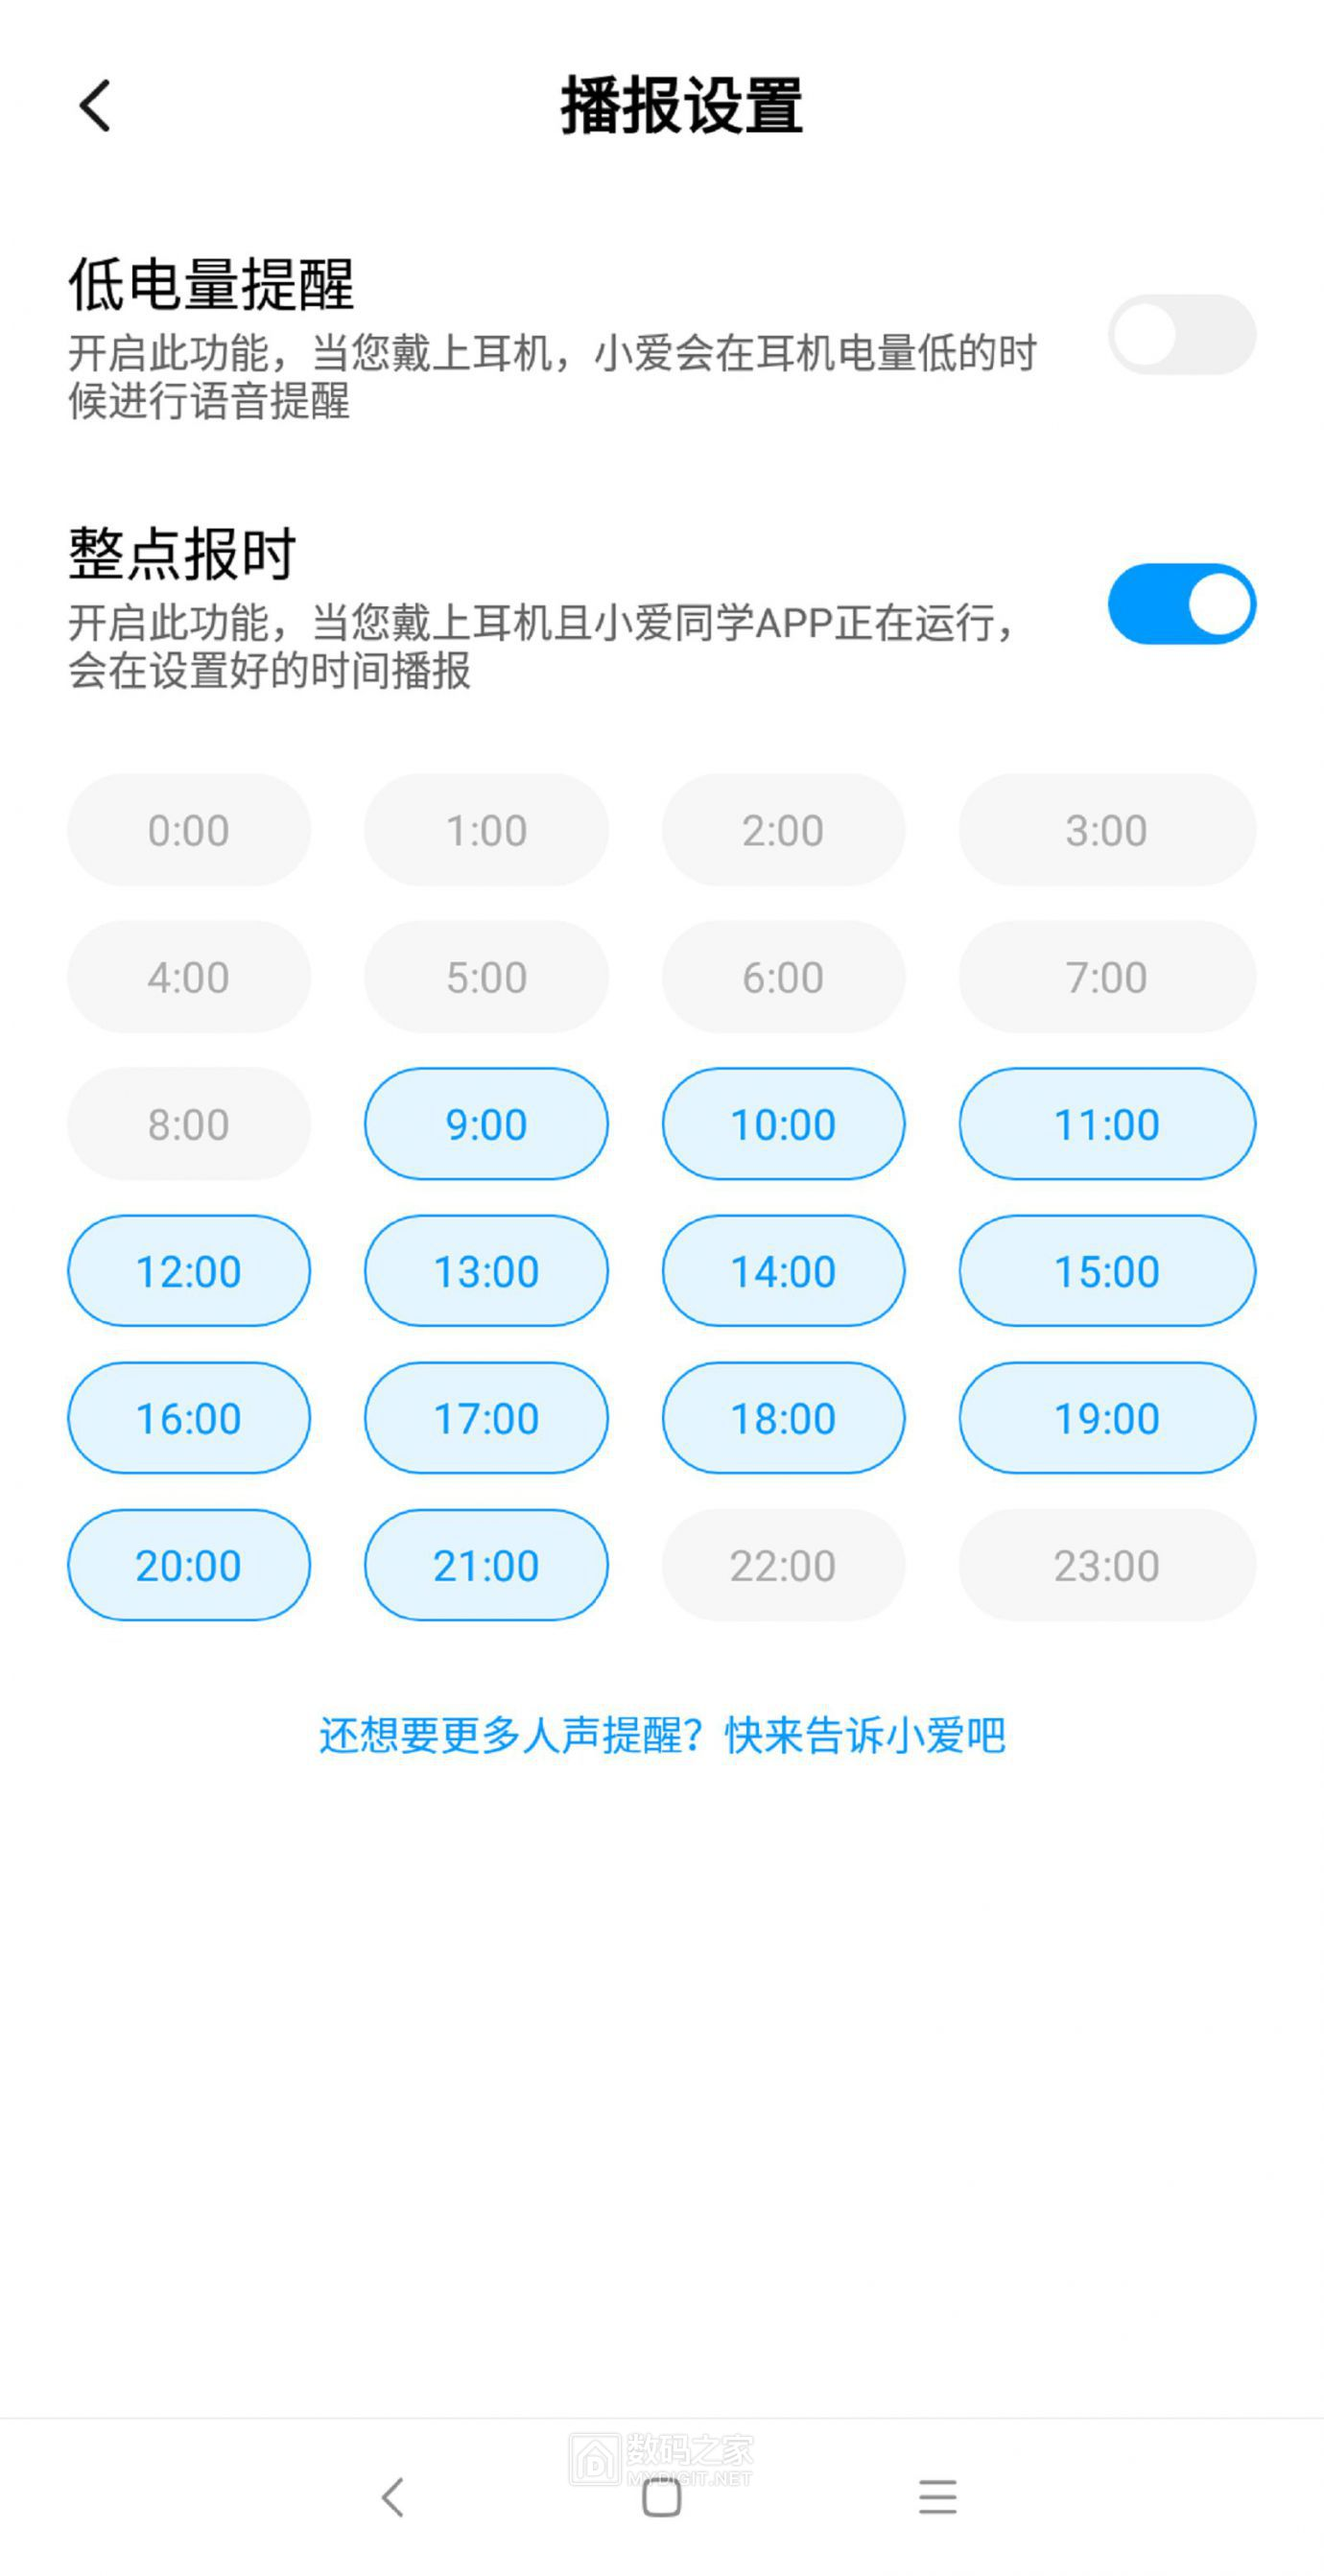 Screenshot_2021-04-16-19-39-09-219_com.xiaomi.xiaoailite.jpg